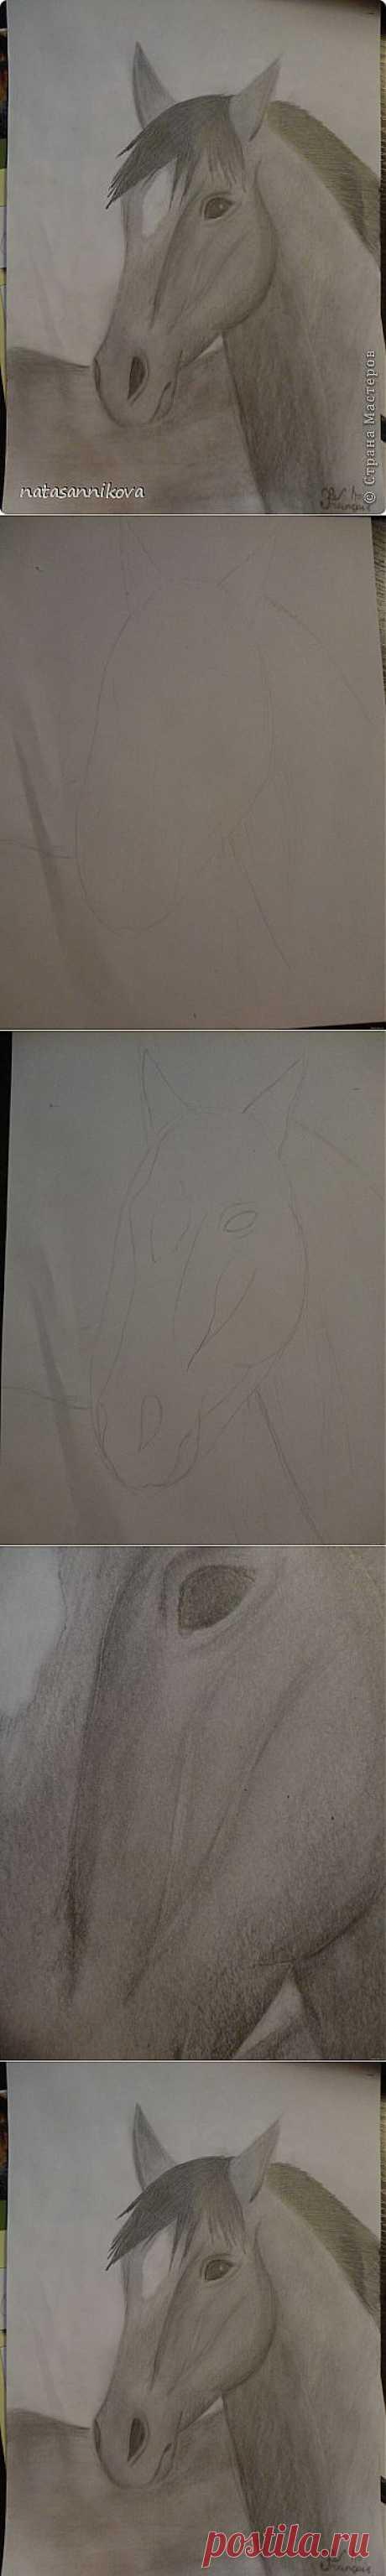 Рисуем морду ахалтекинской лошади   Страна Мастеров